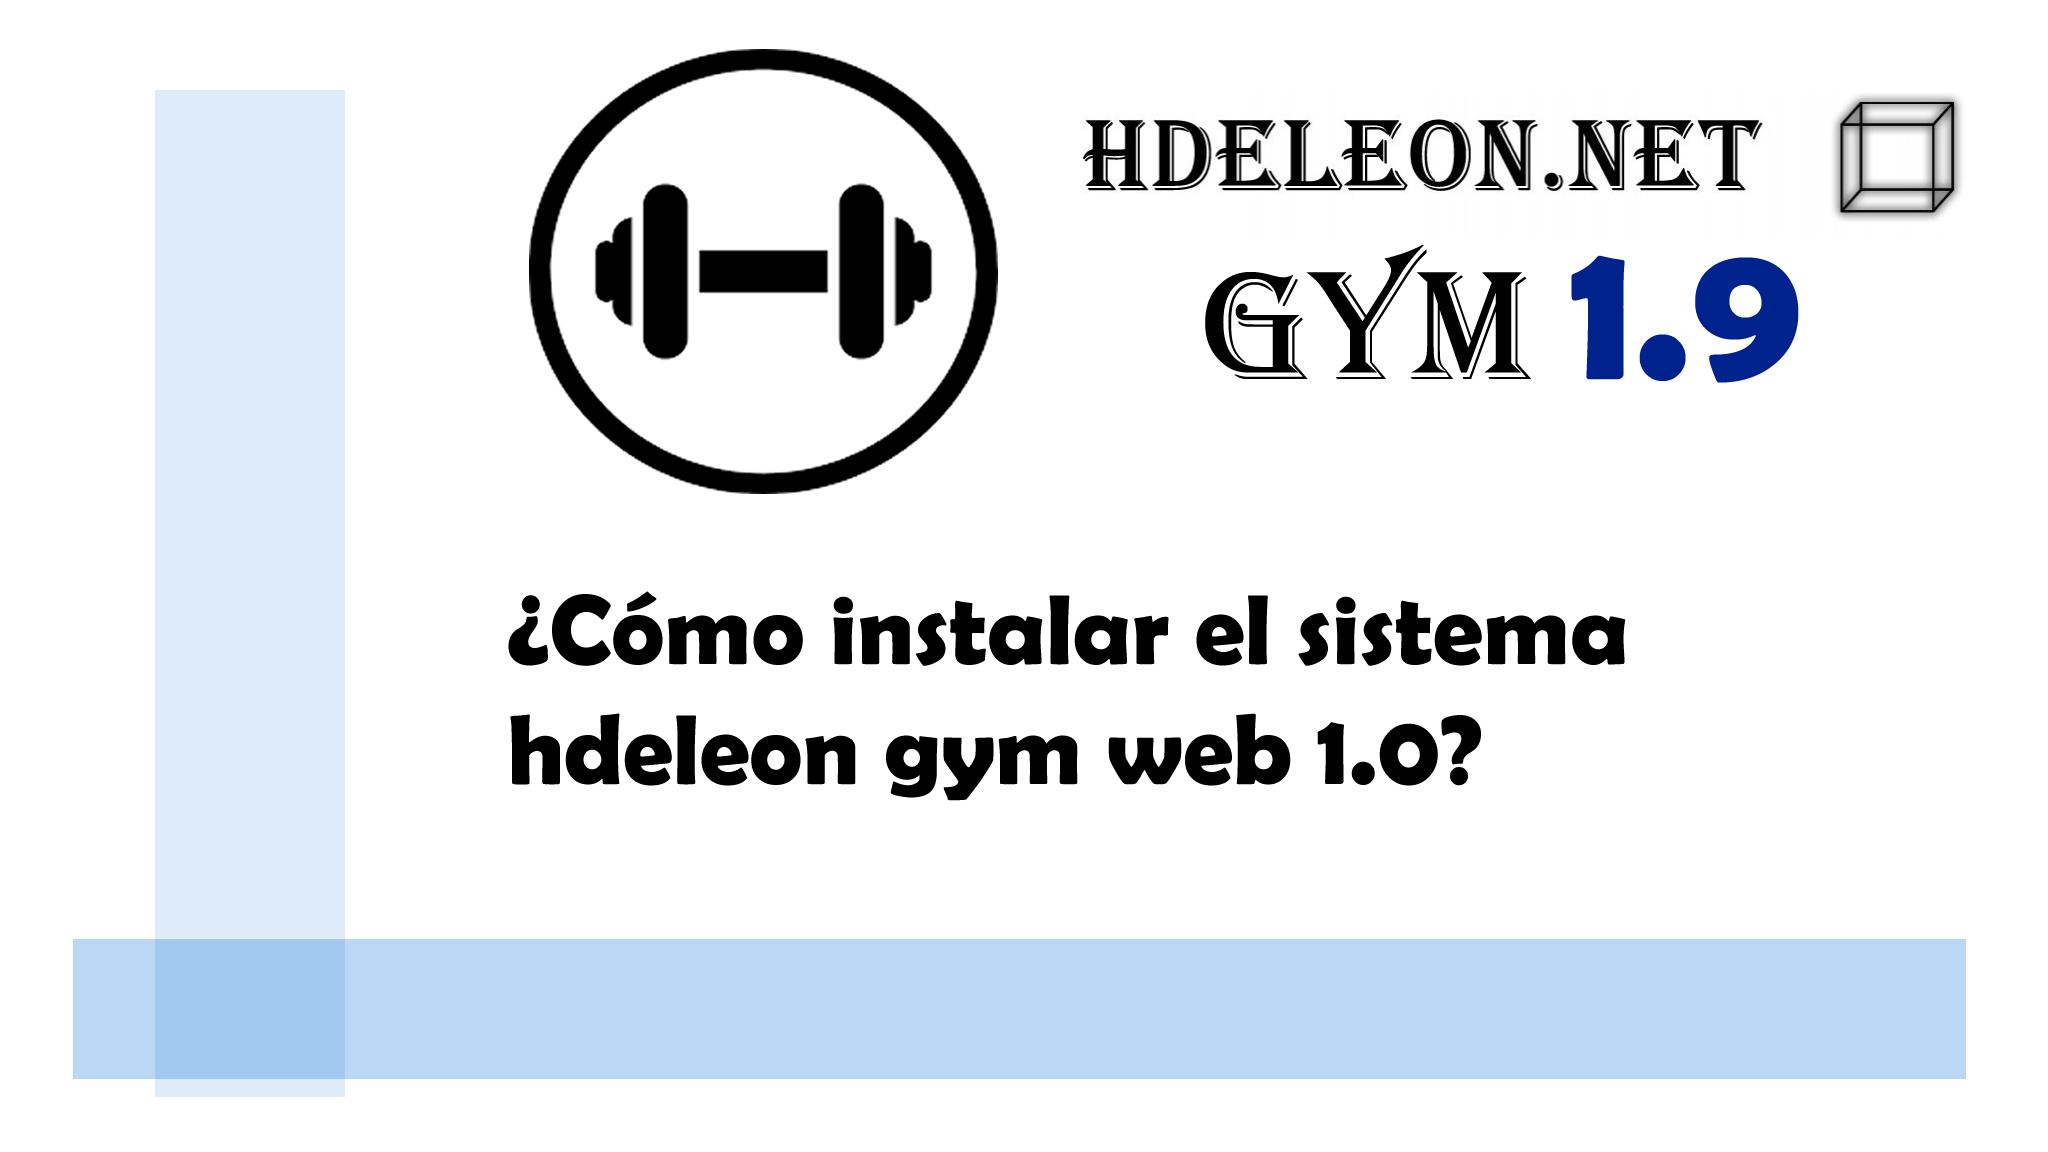 ¿Cómo instalar el sistema hdeleon gym web 1.0?, Gratuito en la versión gym hdeleon 1.9